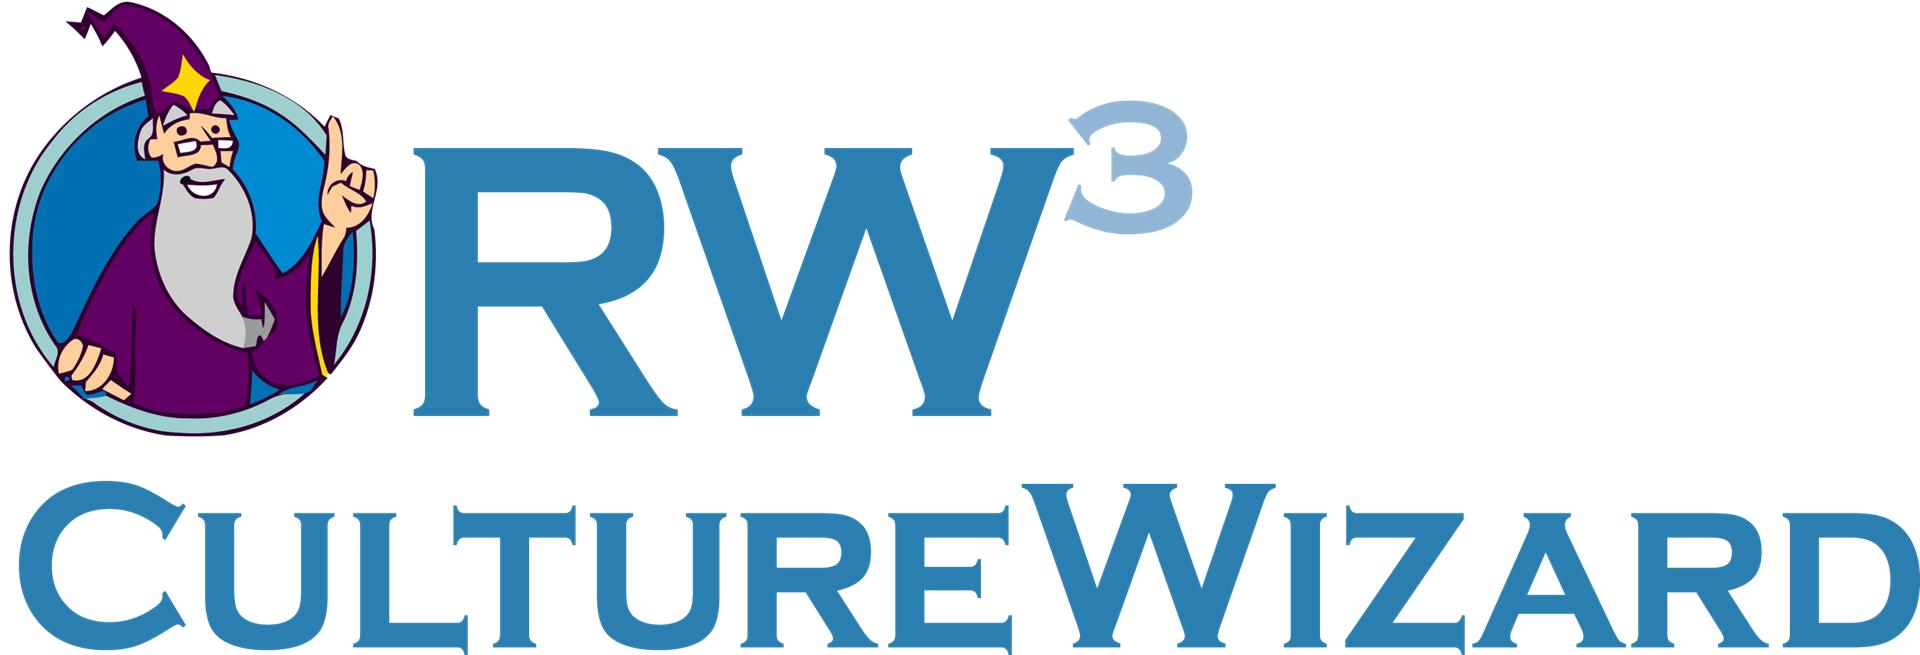 RW3 CultureWizard